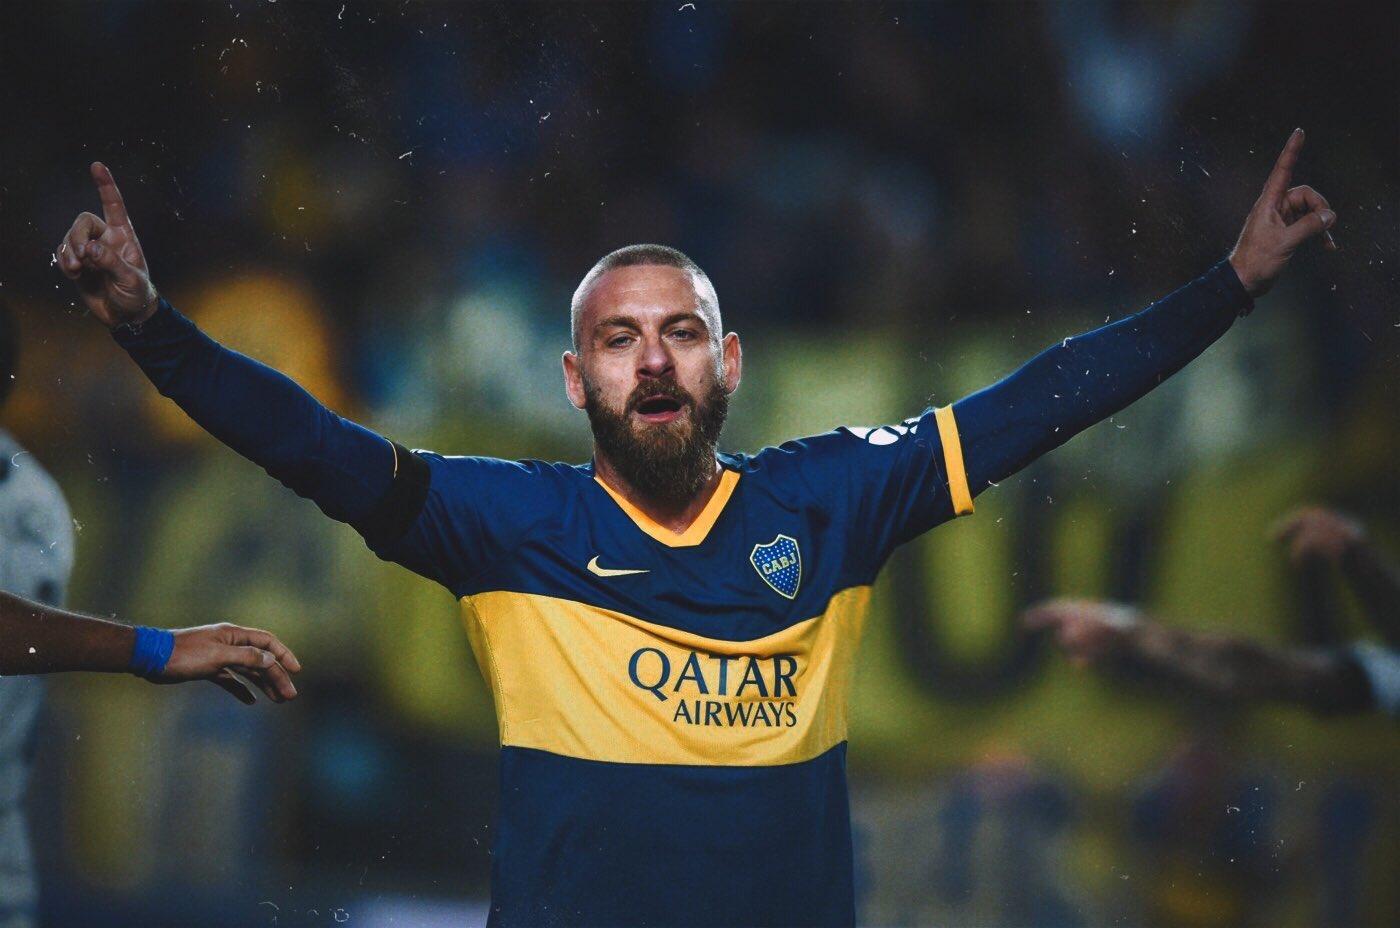 Daniele-De-Rossi-Boca-Juniors-3